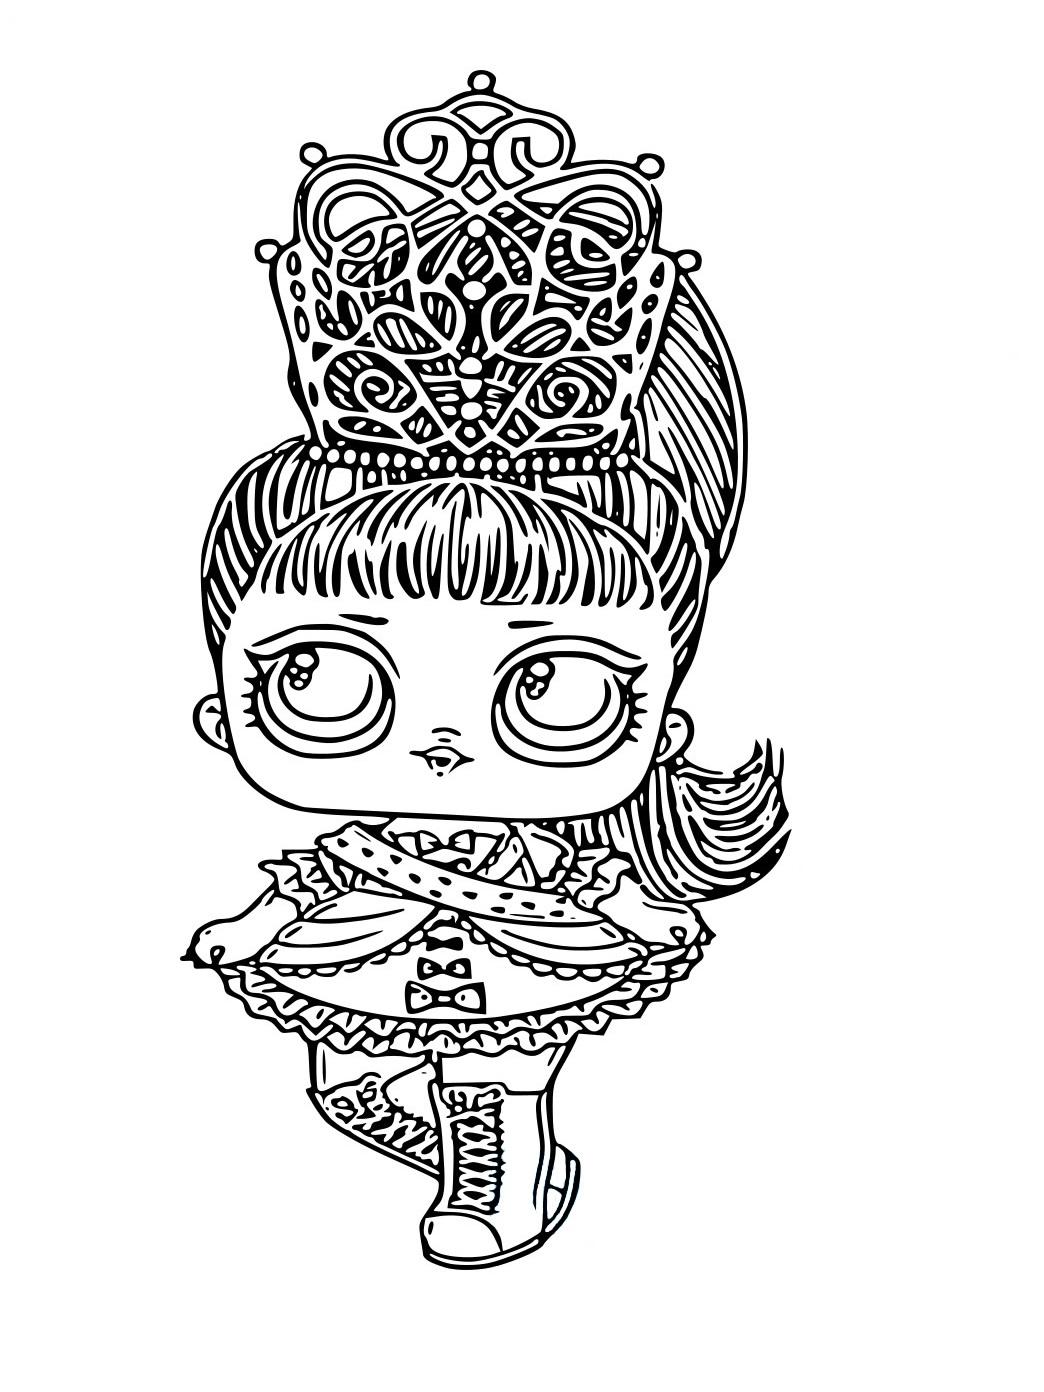 ЛОЛ с короной с волосами - Куклы LOL - Раскраски антистресс